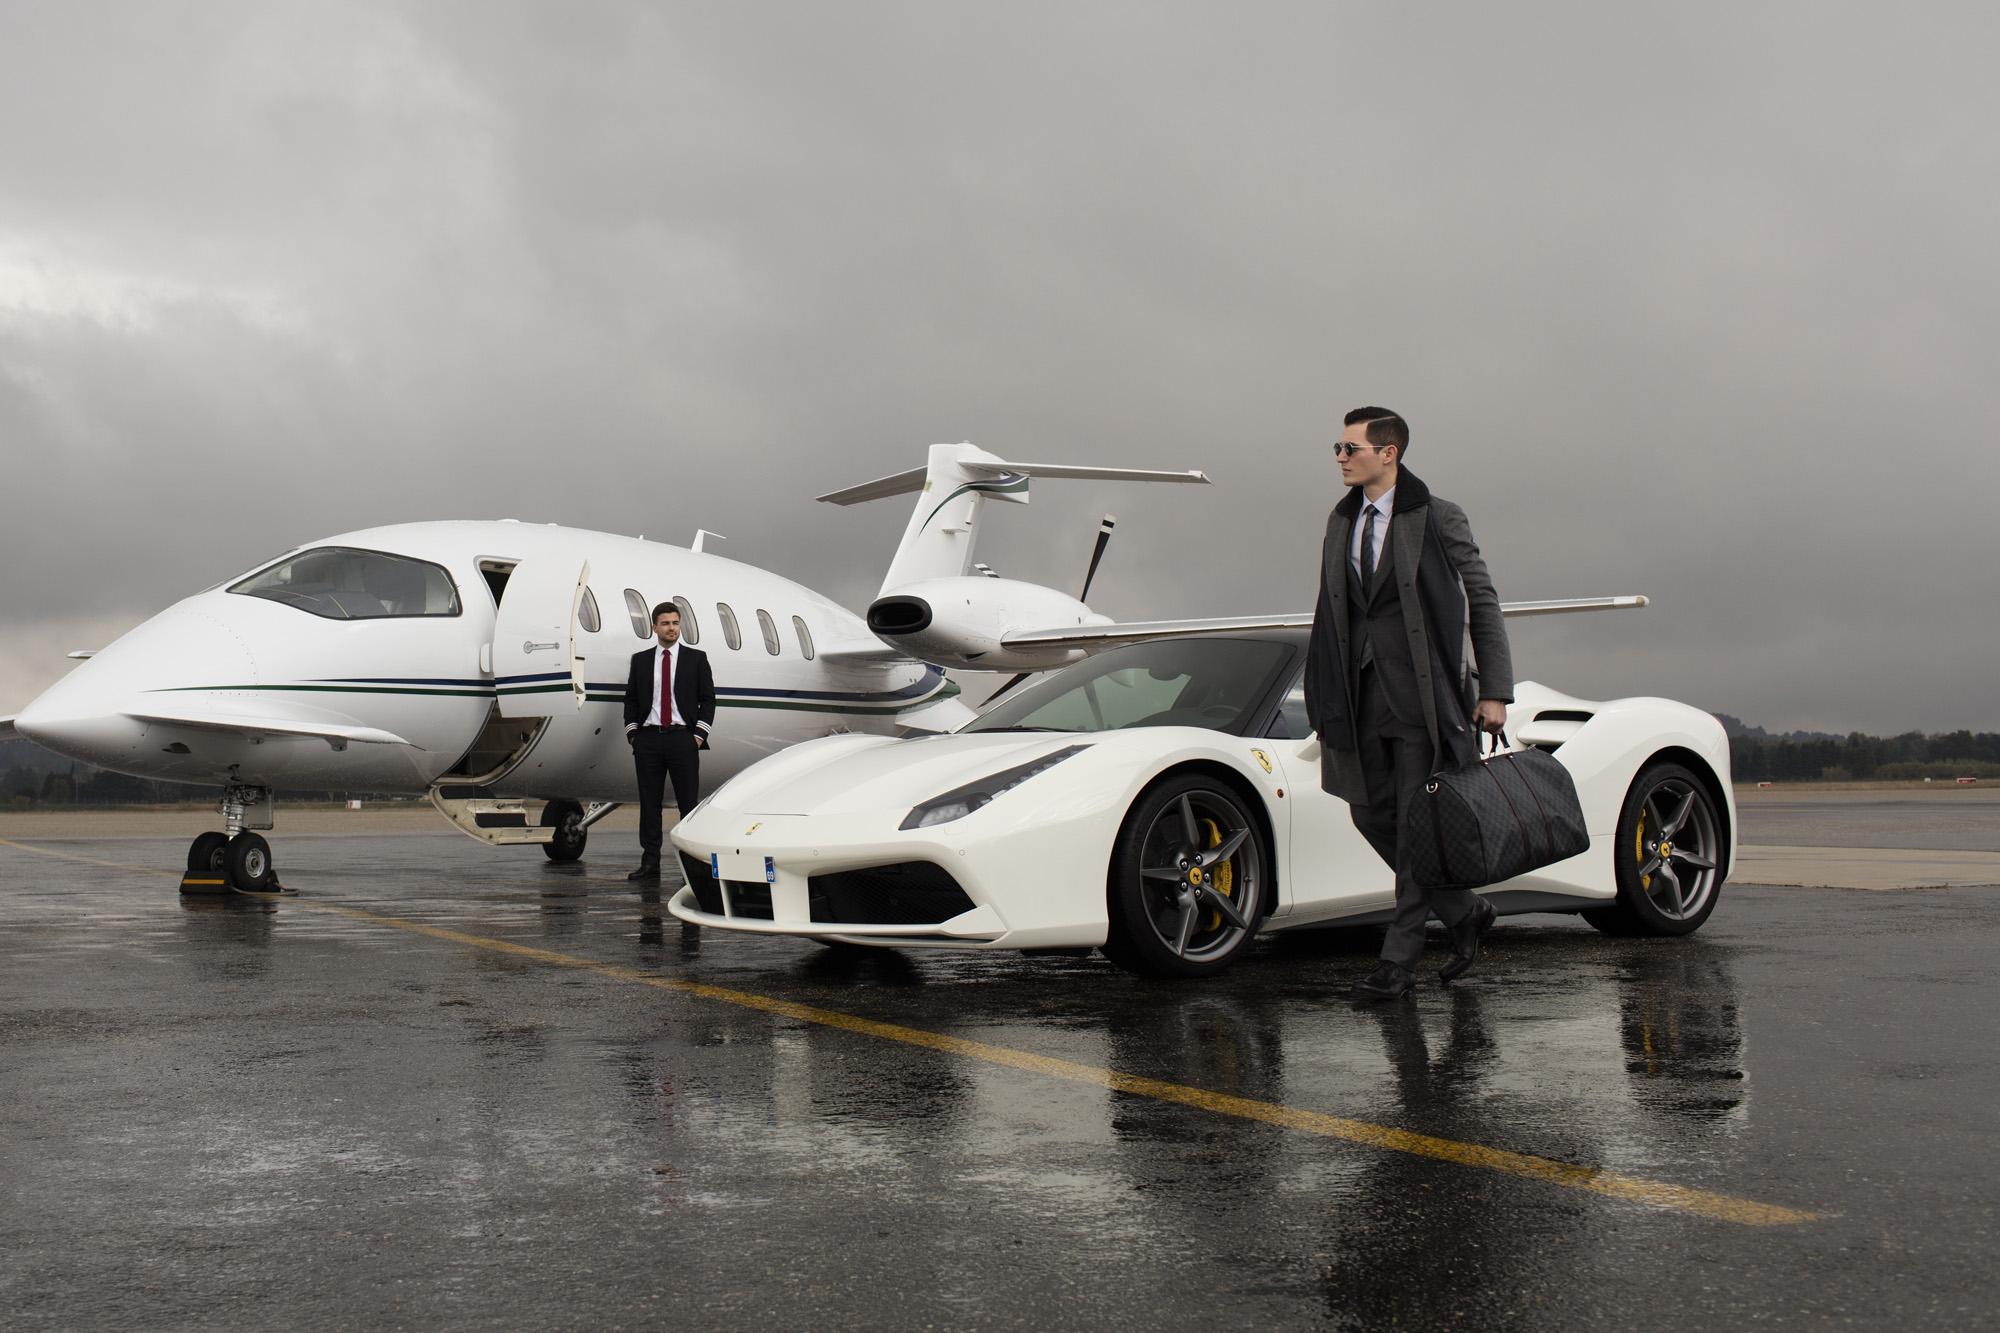 هواپیماهای خصوصی